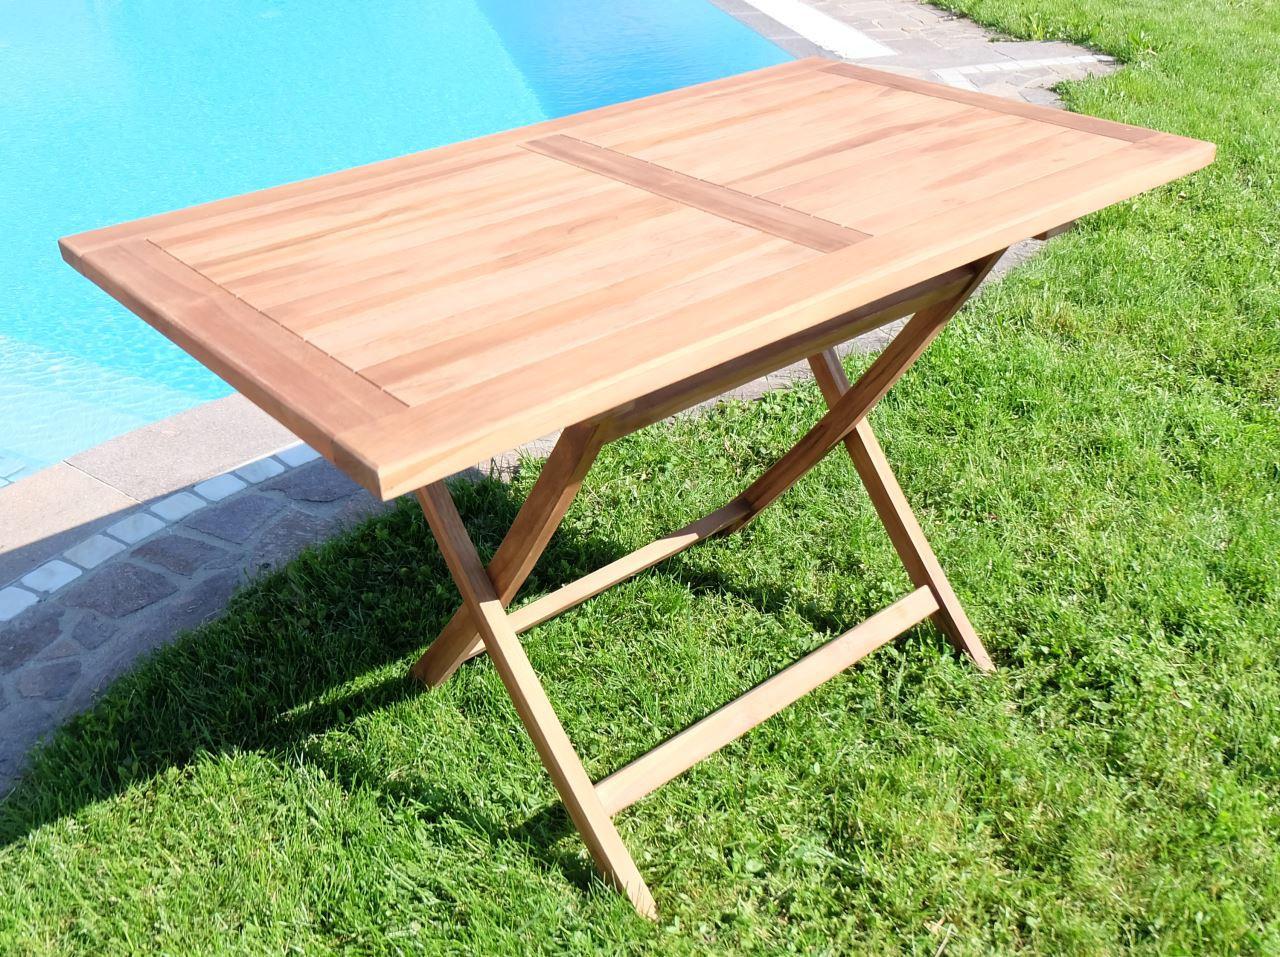 Hollywoodschaukel Holz Billig ~   Holztisch Gartentisch Garten Tisch 120x70cm  AVES  Holz geölt 007